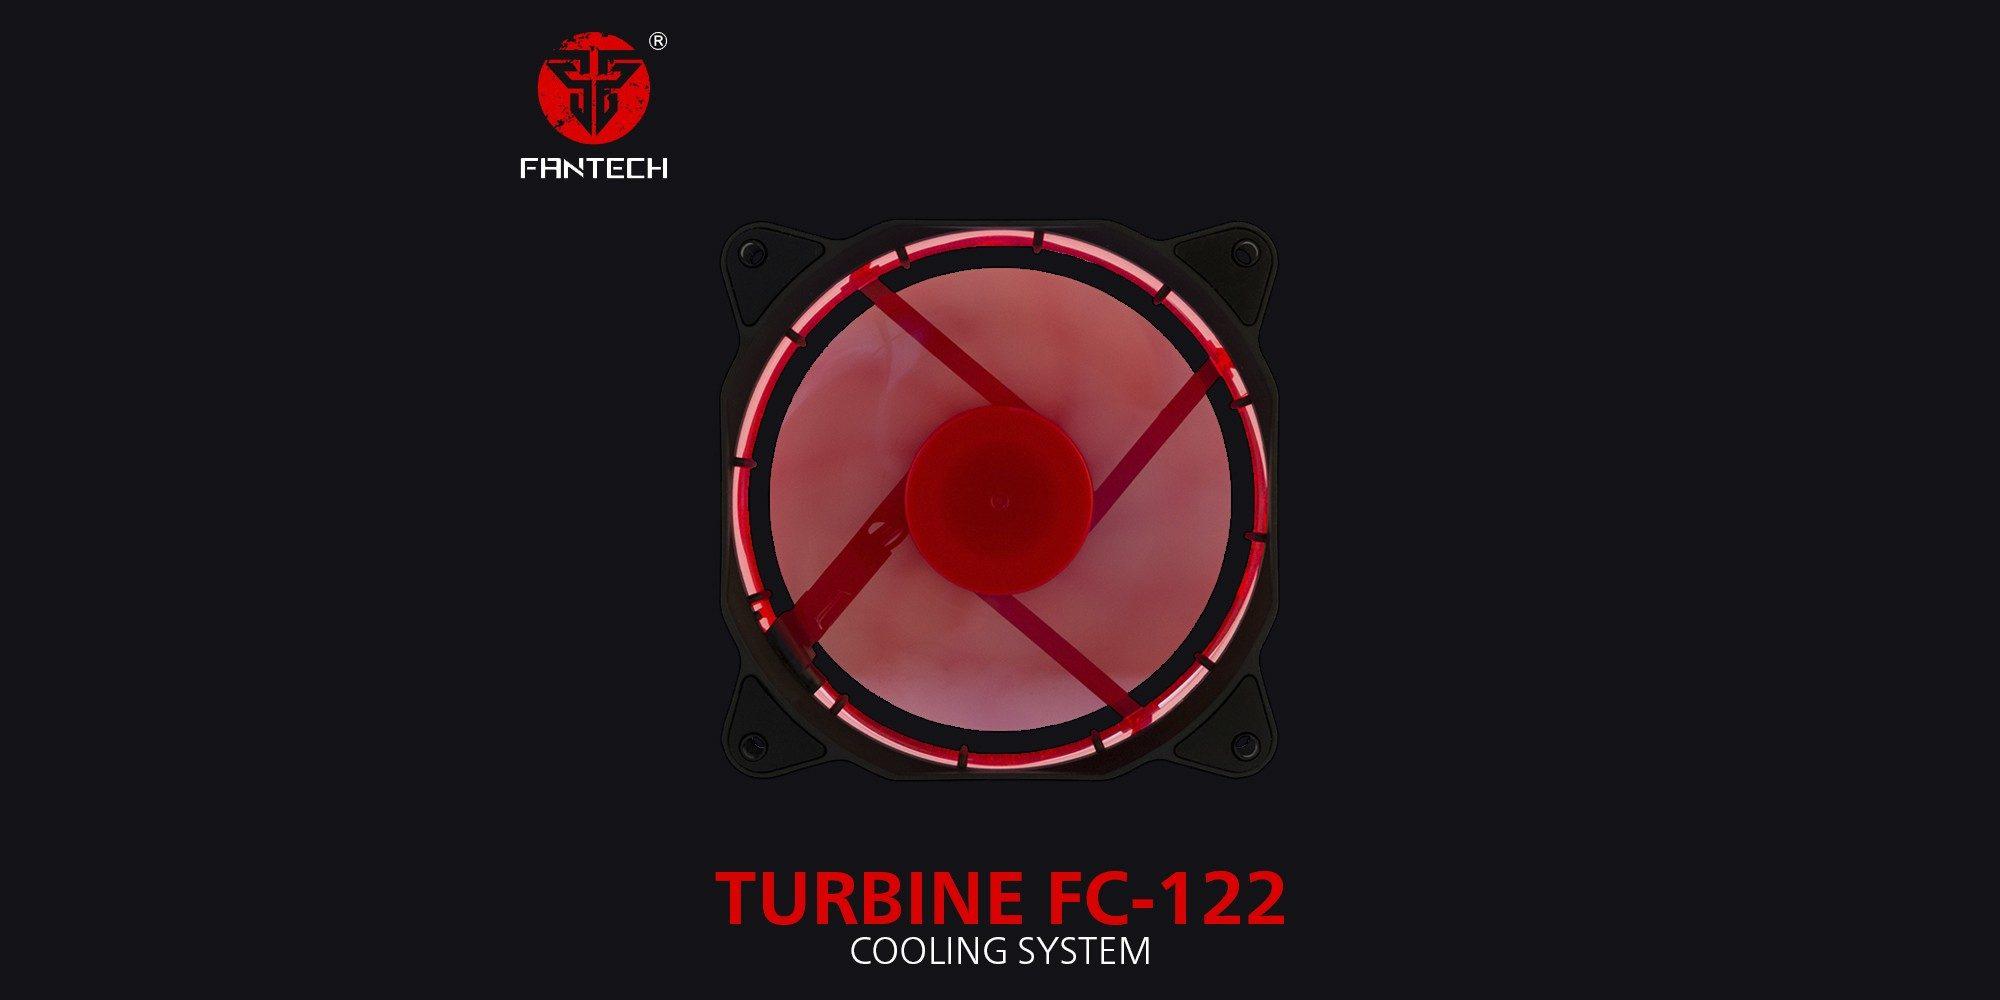 Система охлаждения Fantech Turbine FC-122